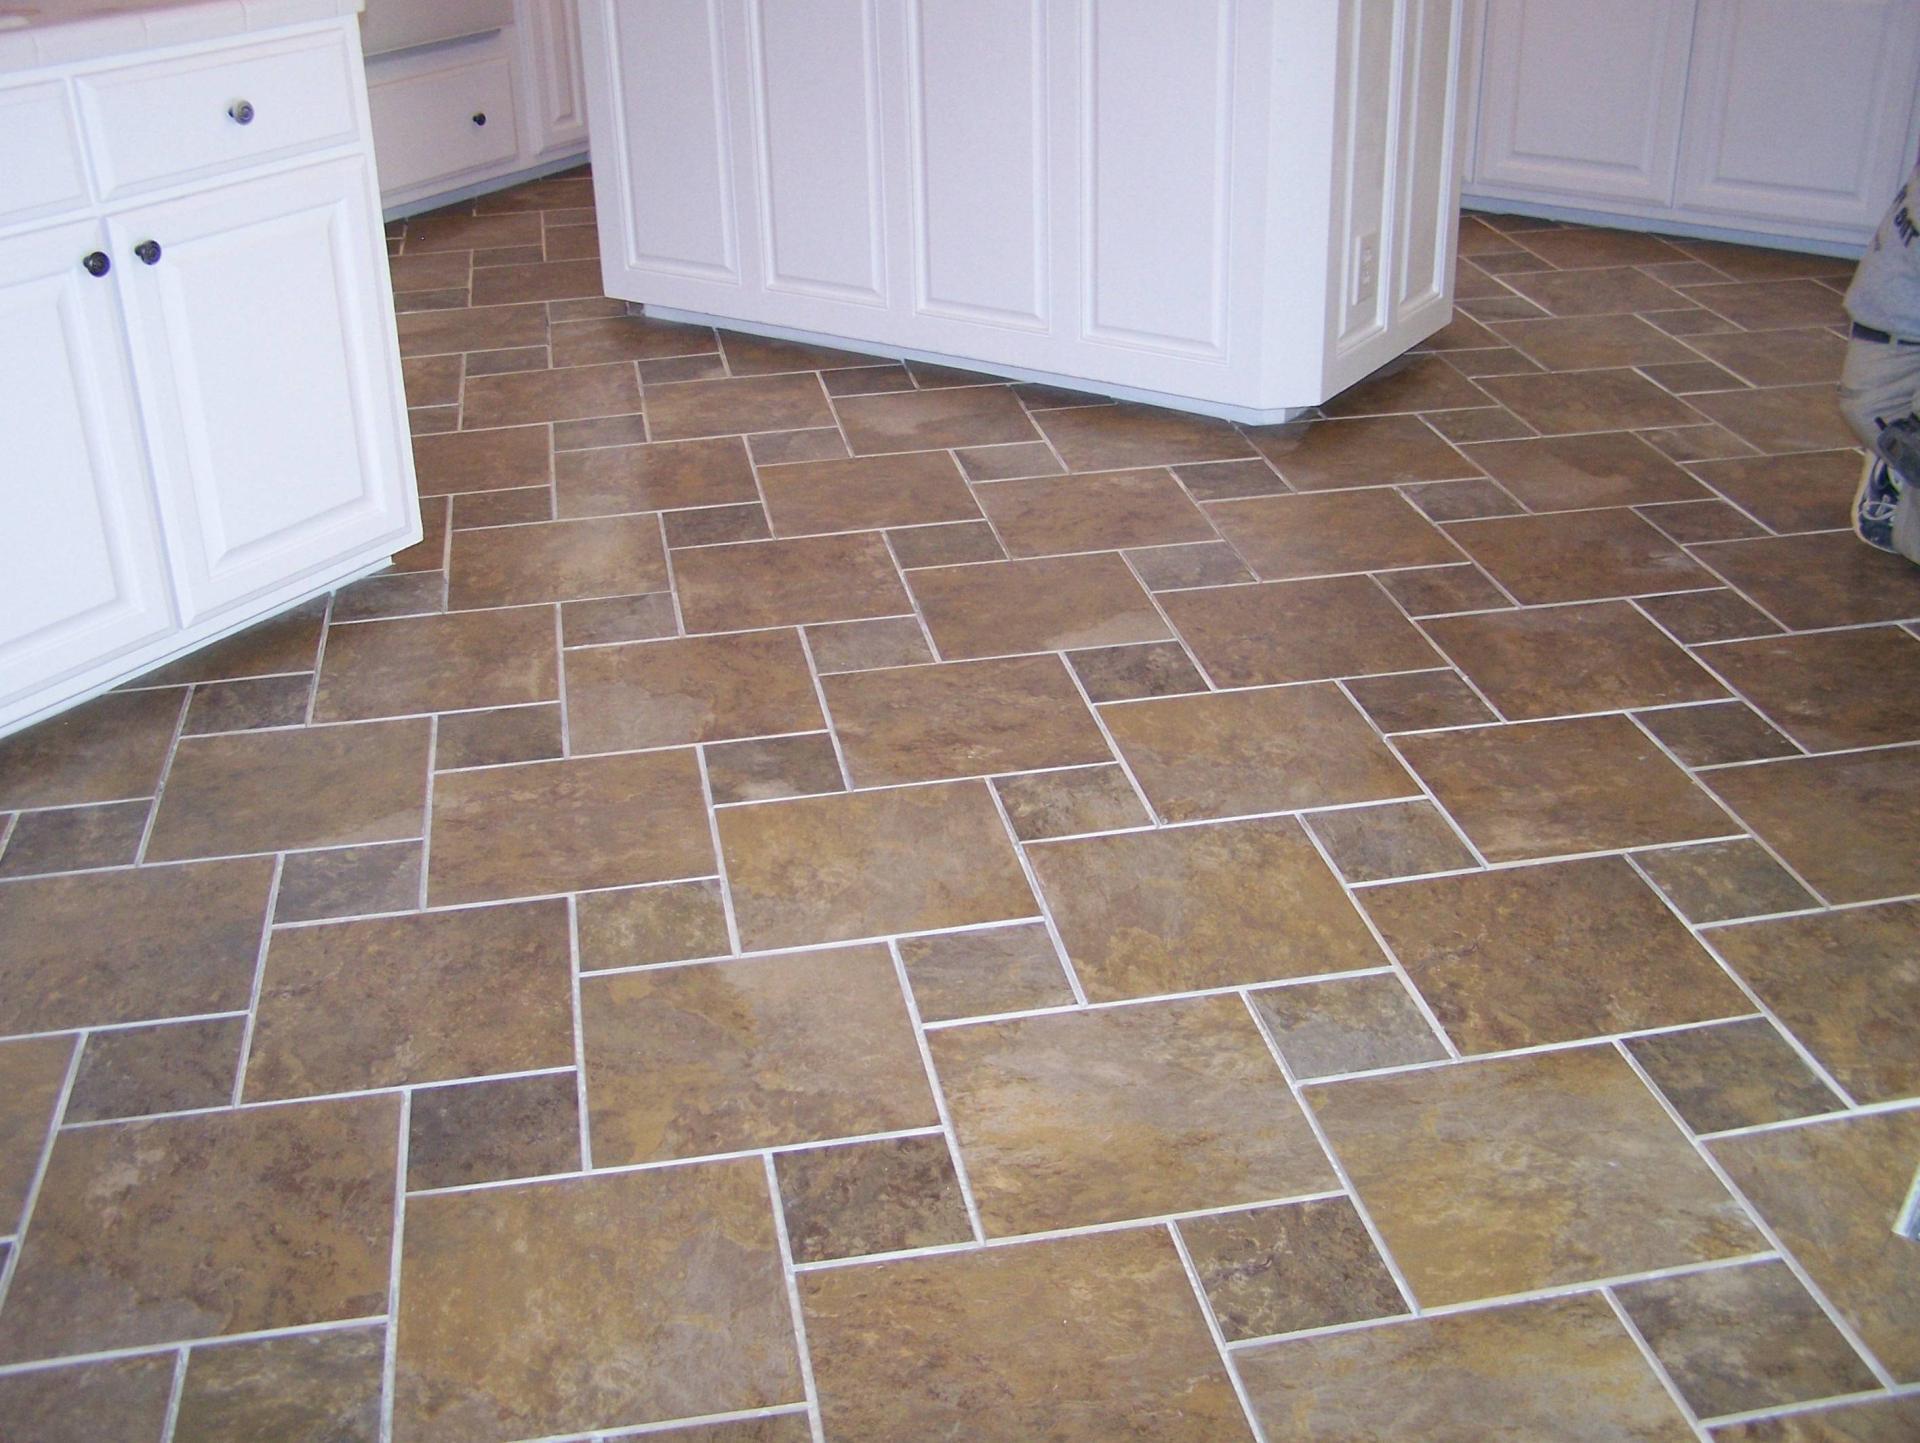 Basement ceramic tile